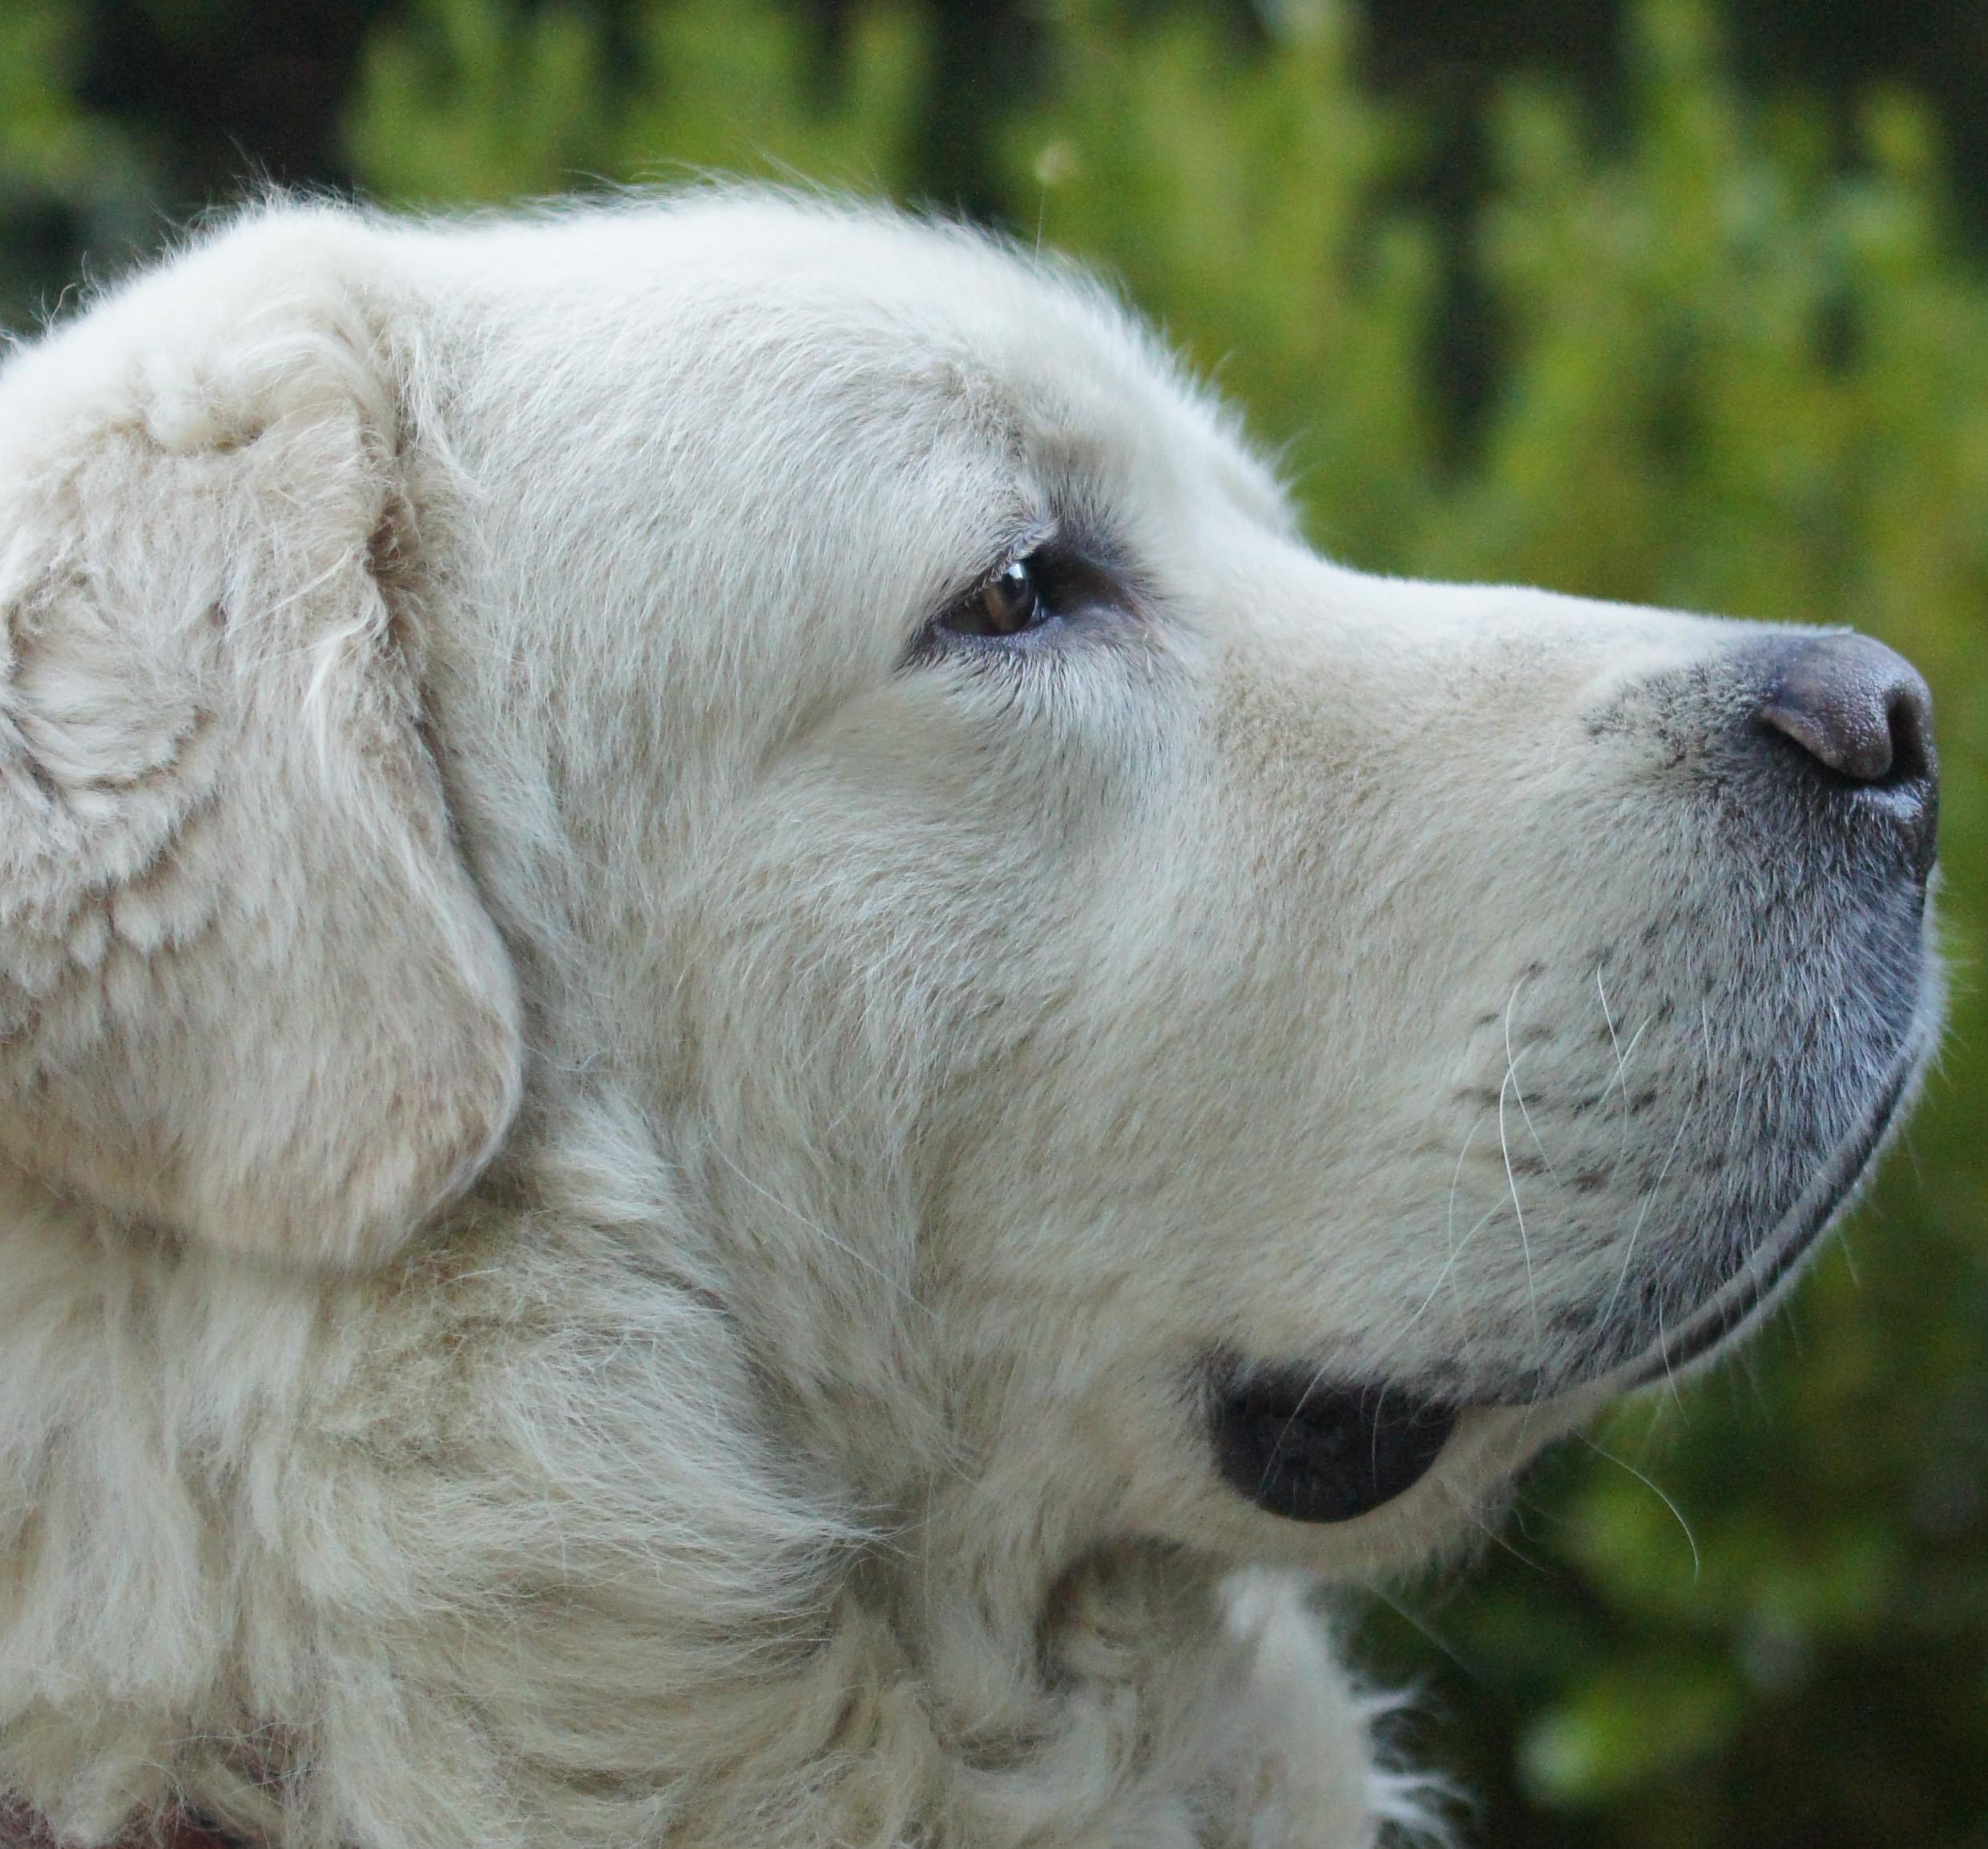 Rupture des ligaments croisés chez le chien - Fiches pratiques chiens